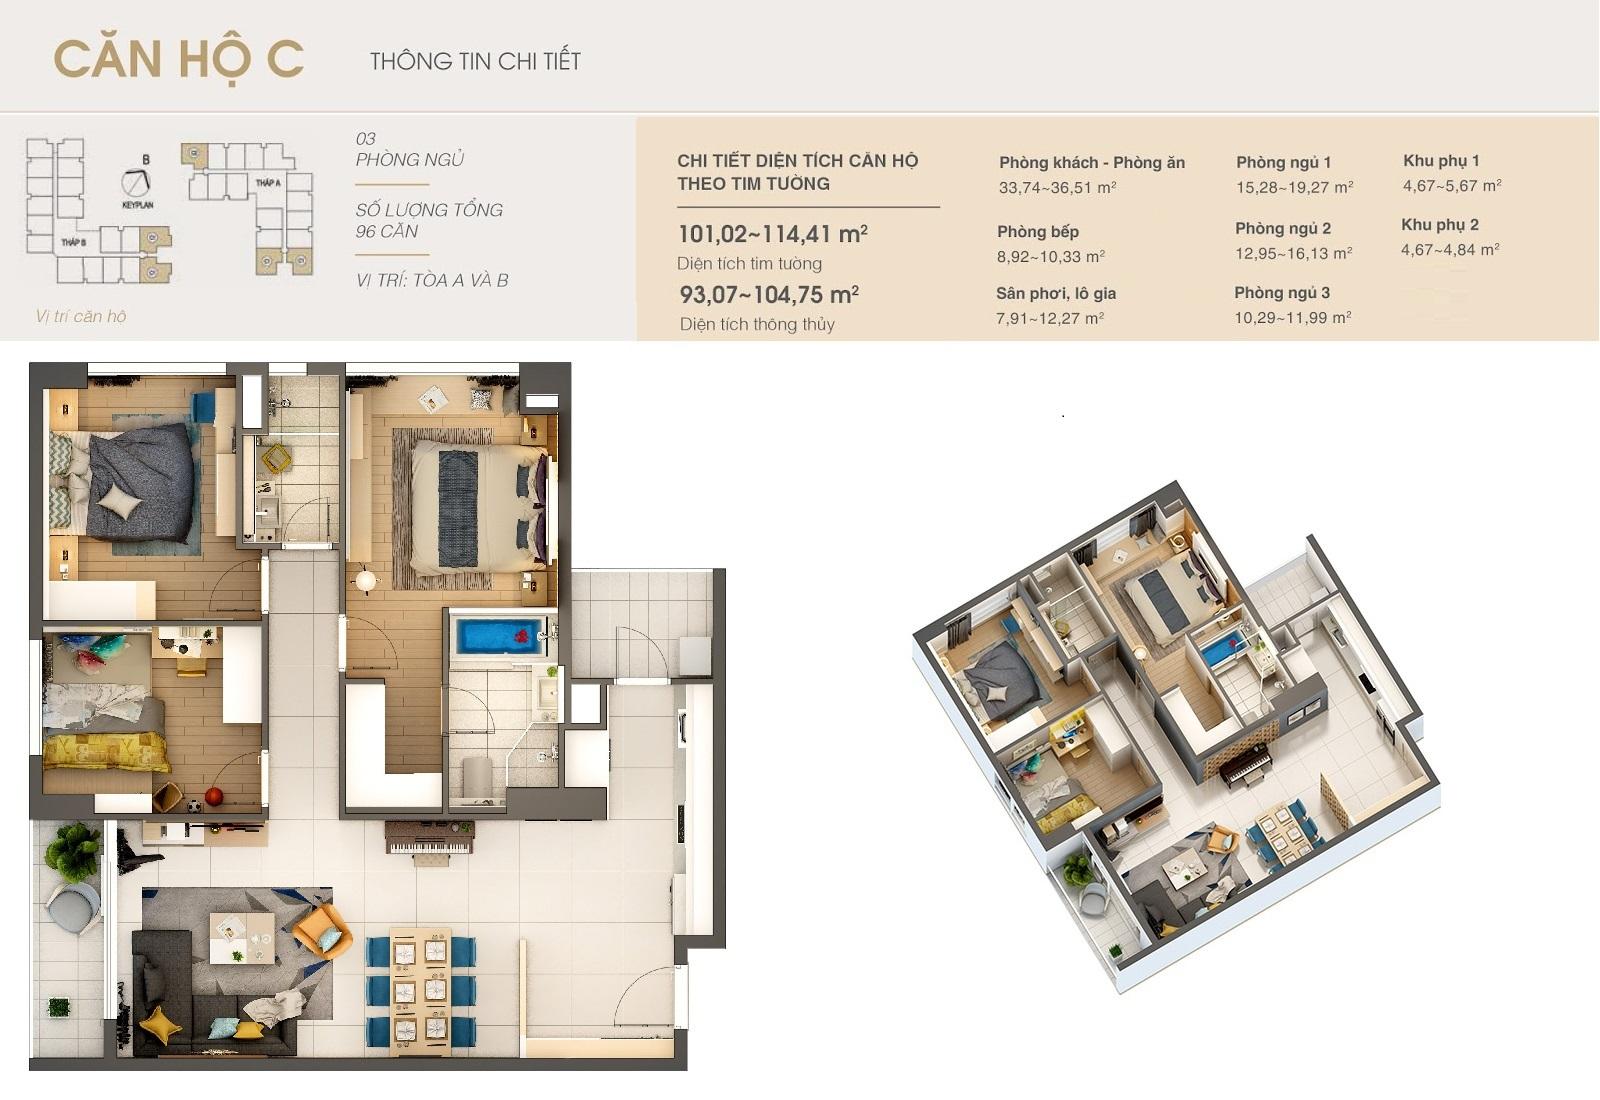 Thiết kế căn hộ C dự án Dlc complex nguyễn tuân